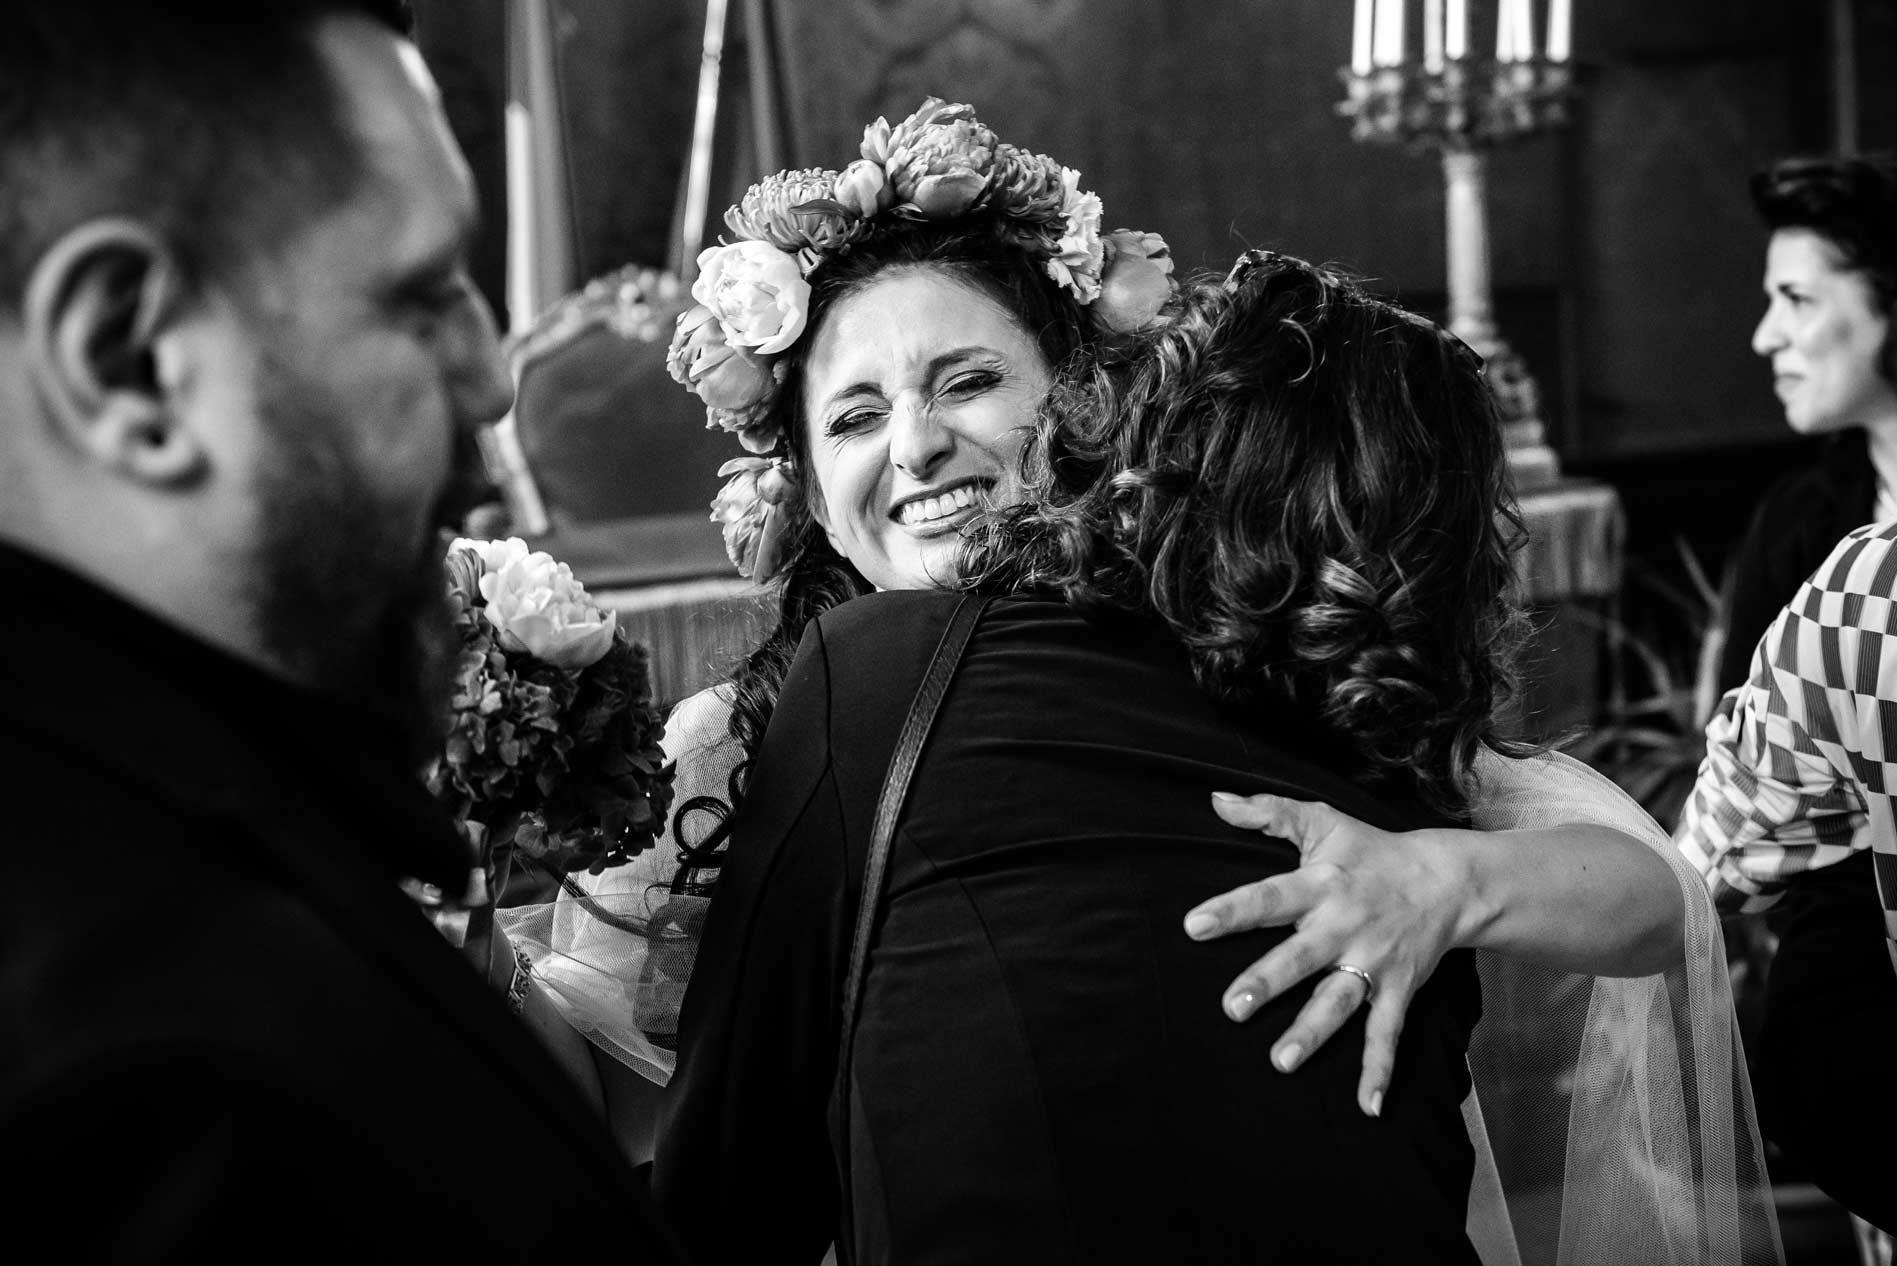 Reportage-Wedding-Photographer-in-Italy-2-Ceremony